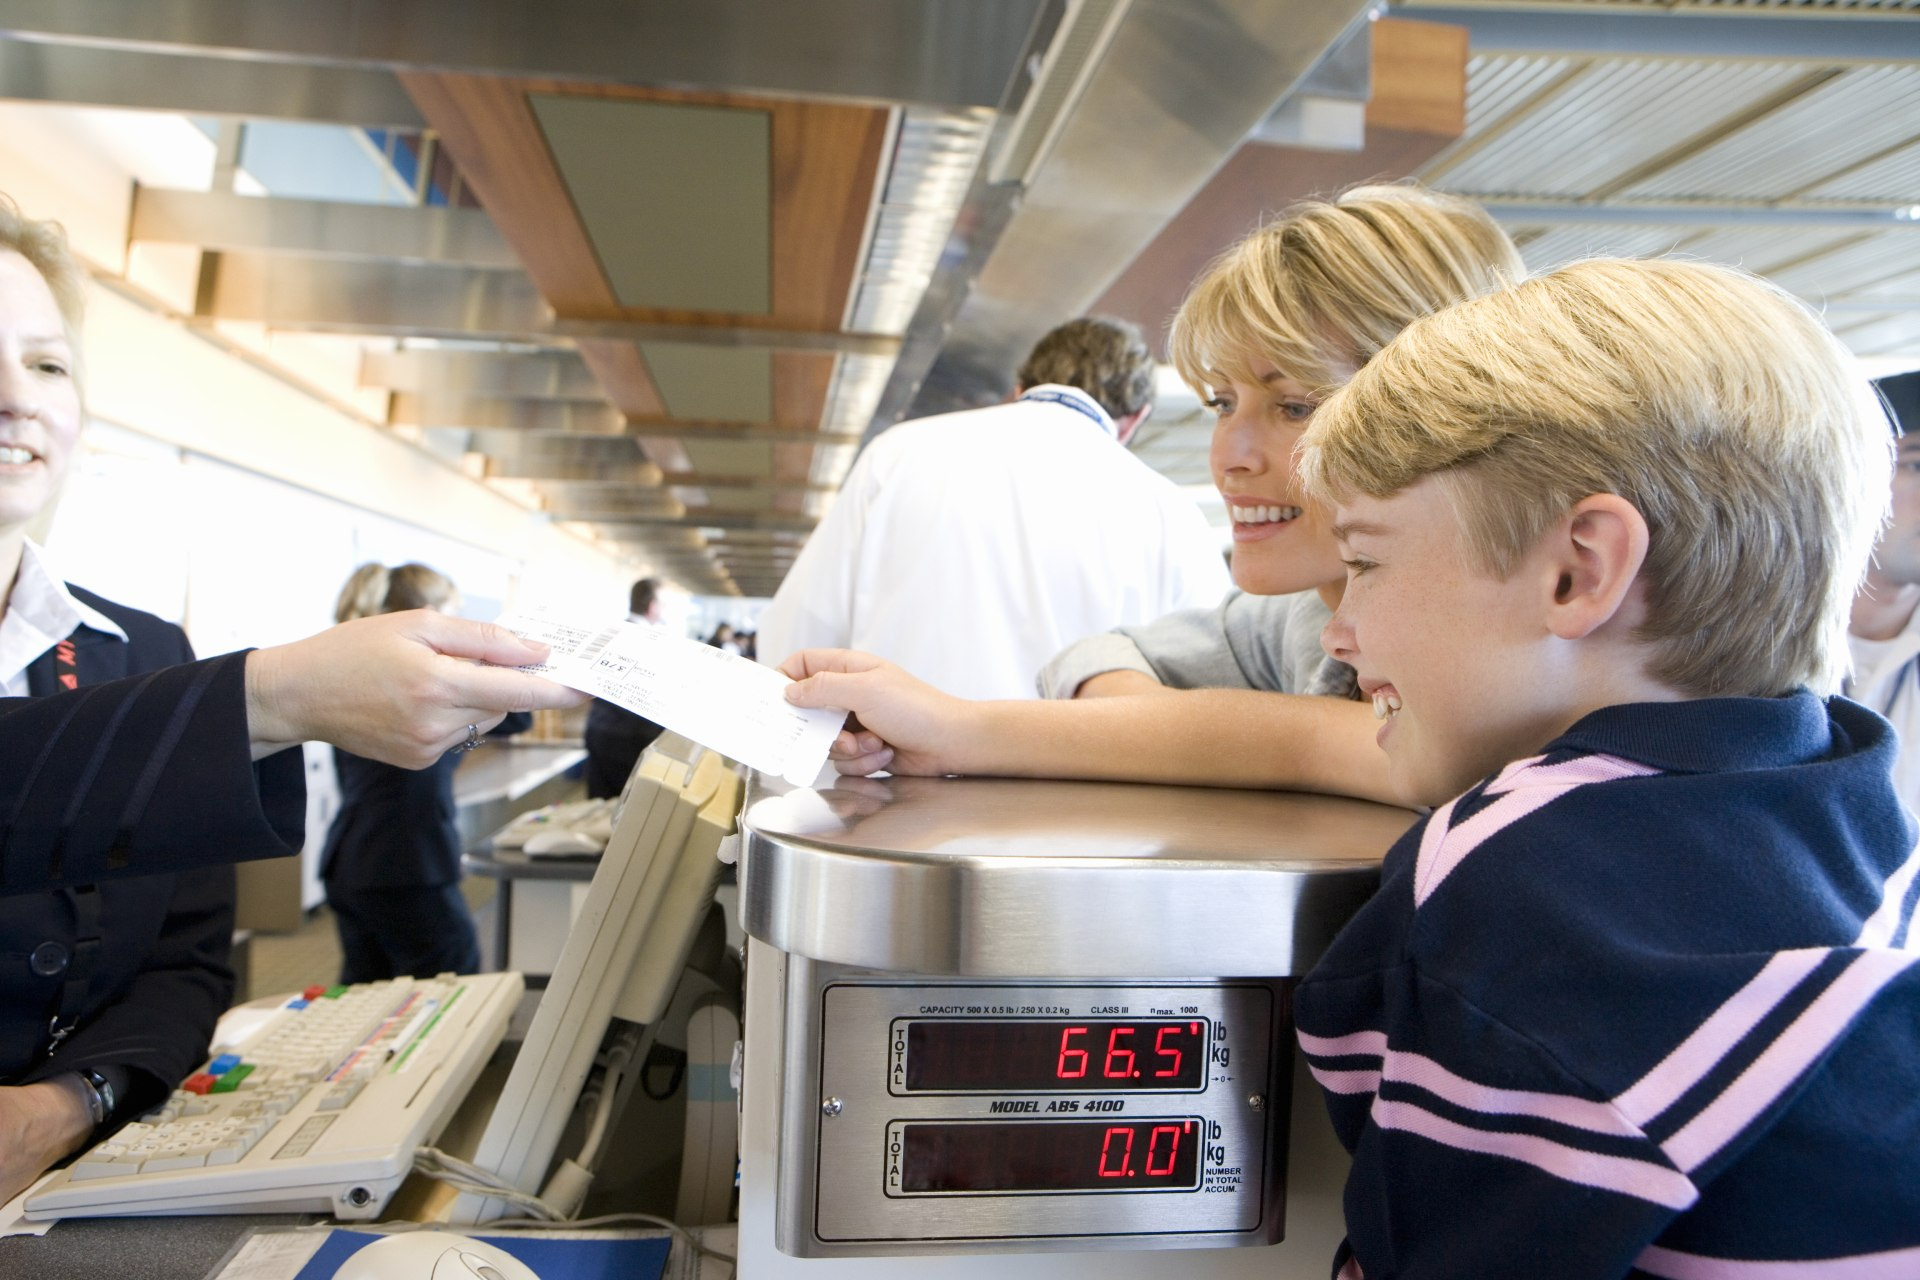 madre e hijo aeropuerto check in : niños que viajan solos